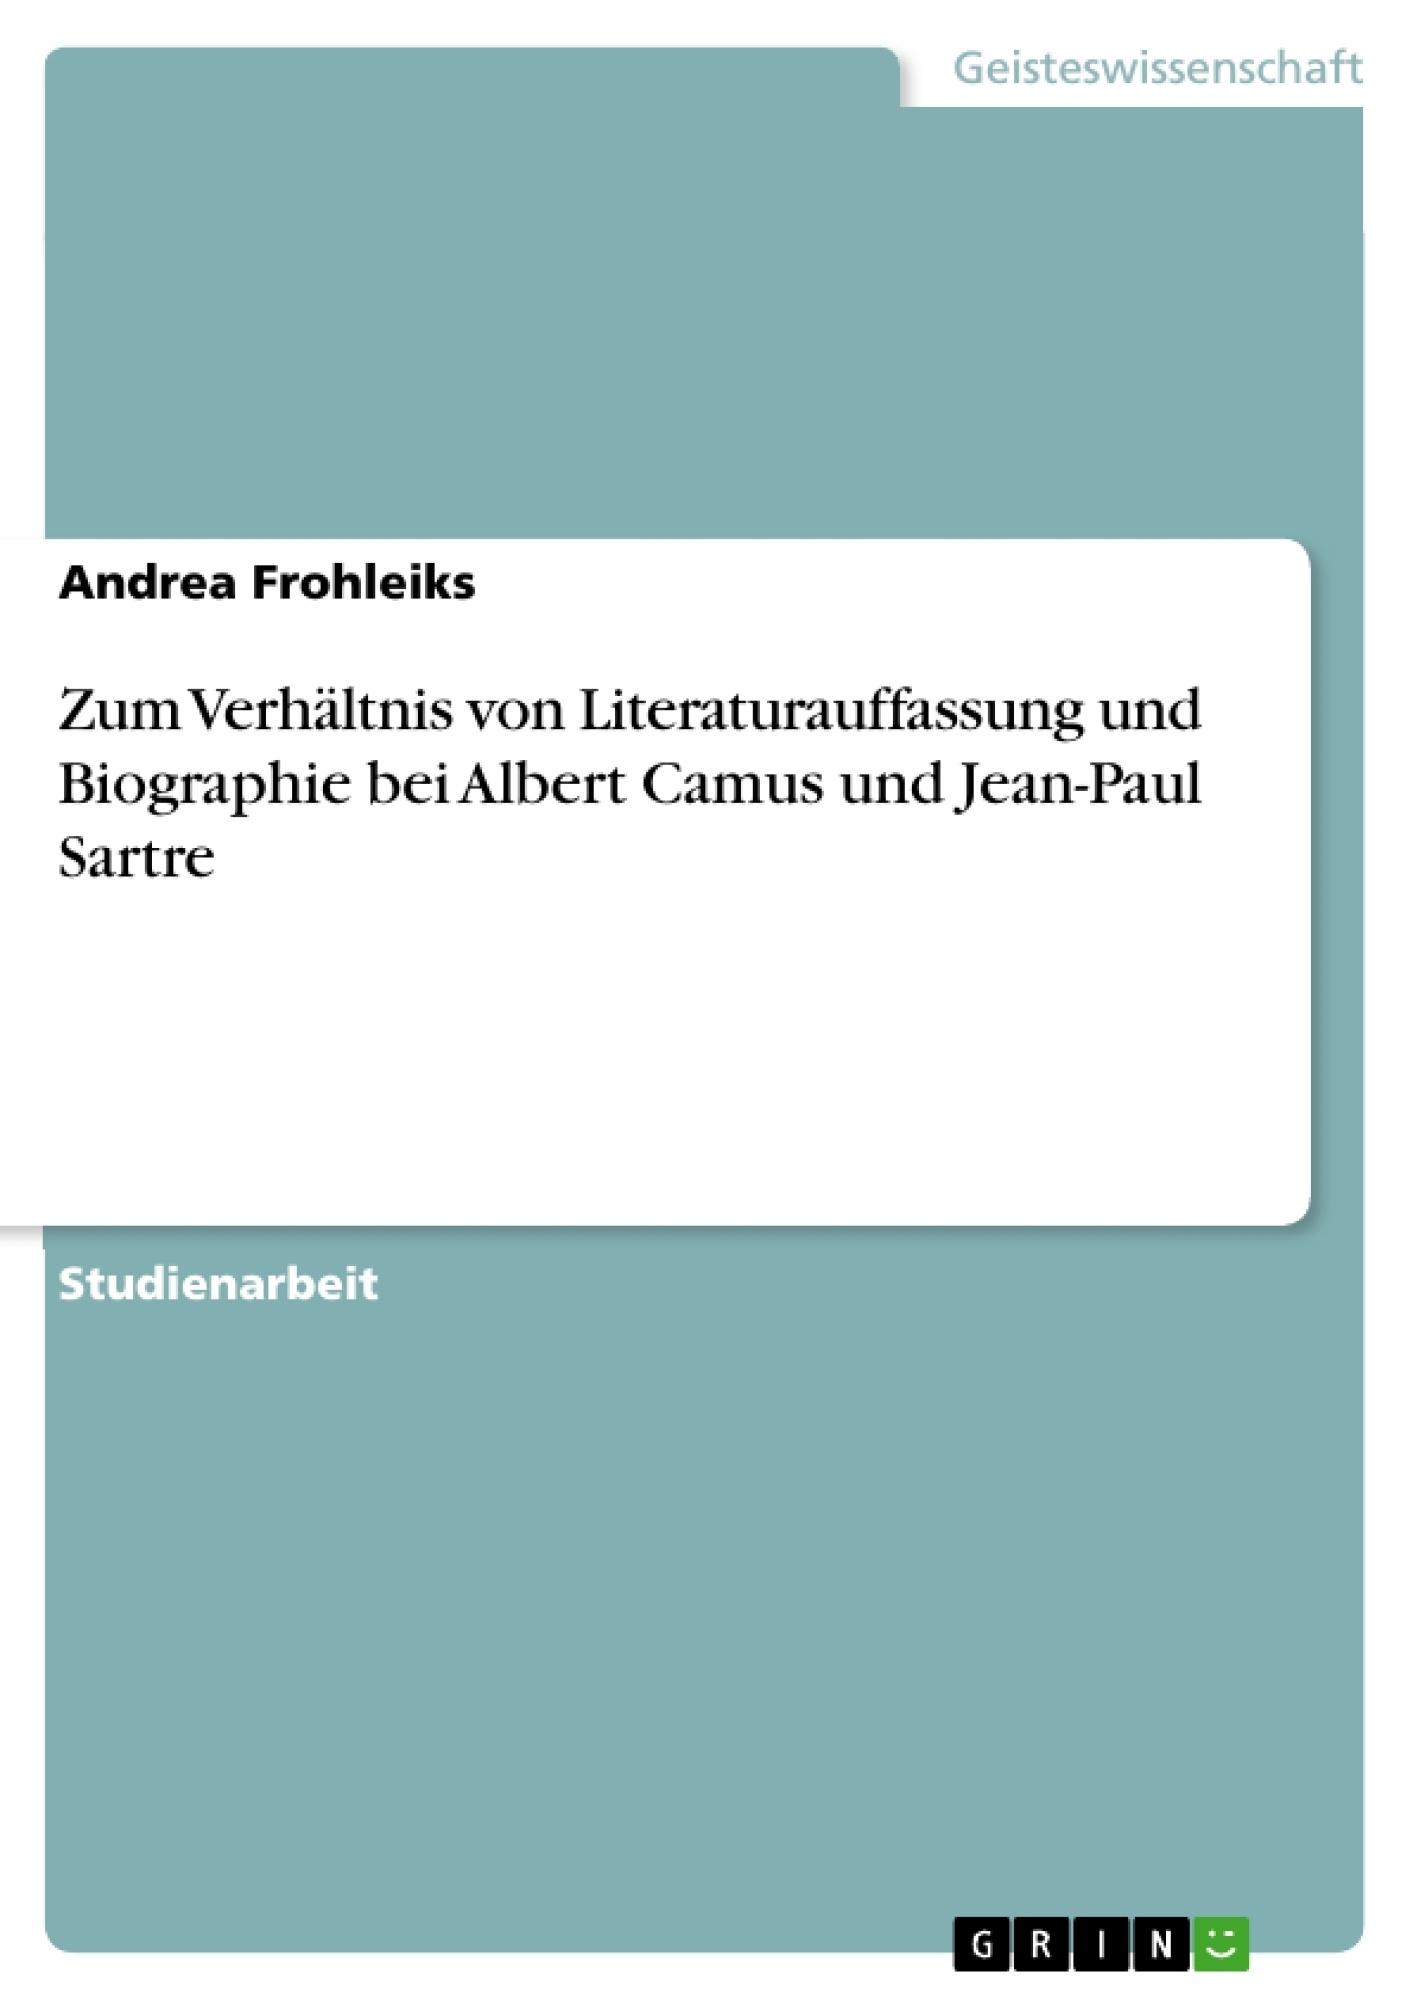 Titel: Zum Verhältnis von Literaturauffassung und Biographie bei Albert Camus und Jean-Paul Sartre